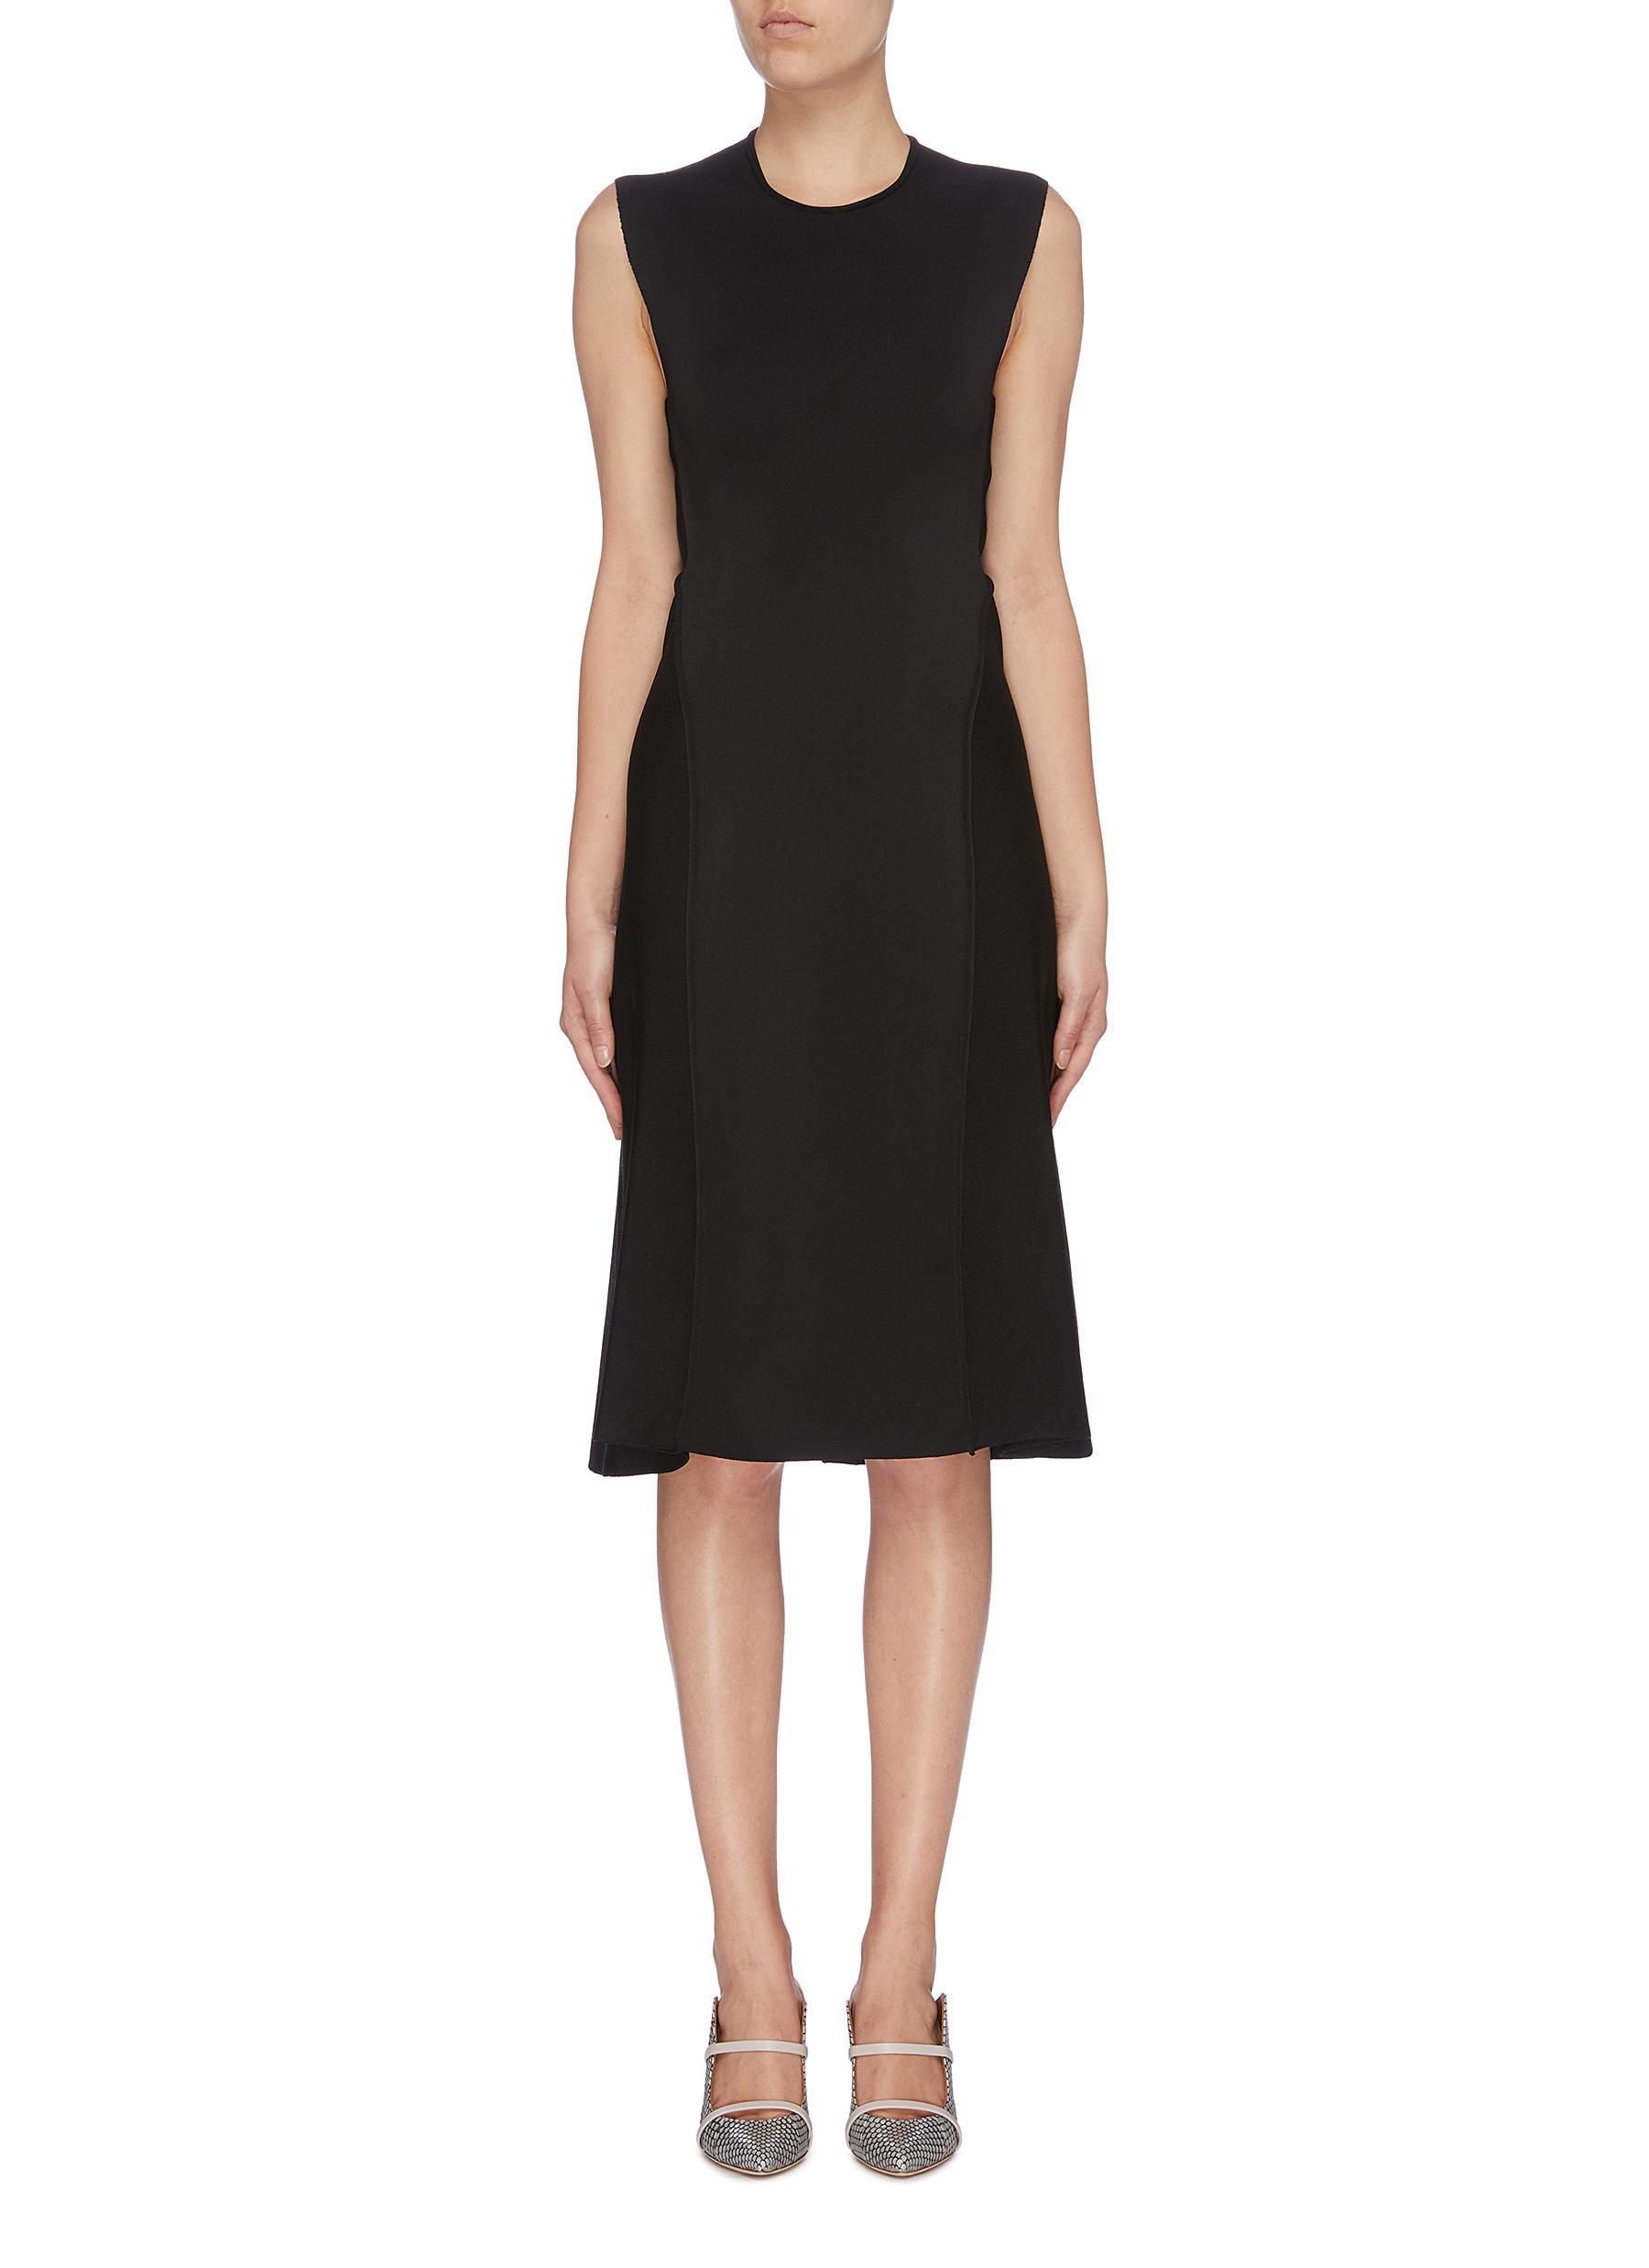 Cross back sleeveless dress by Victoria Beckham